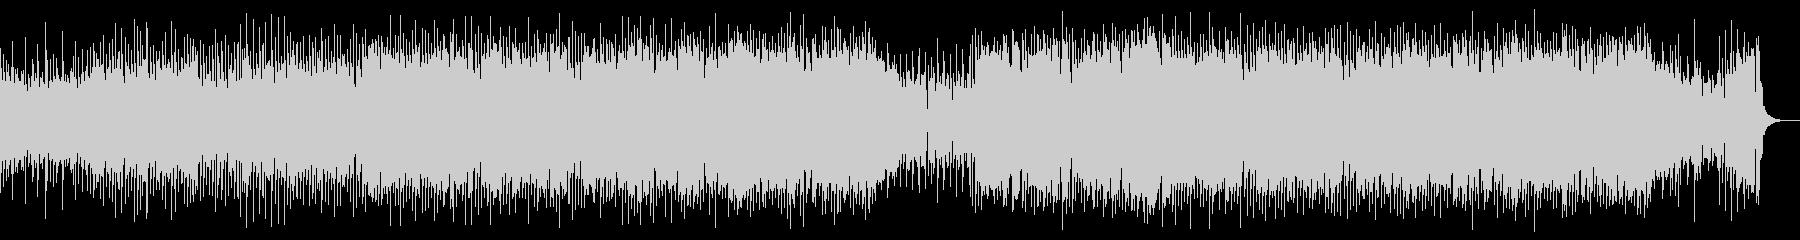 ロック調の牧歌的なカントリー曲の未再生の波形